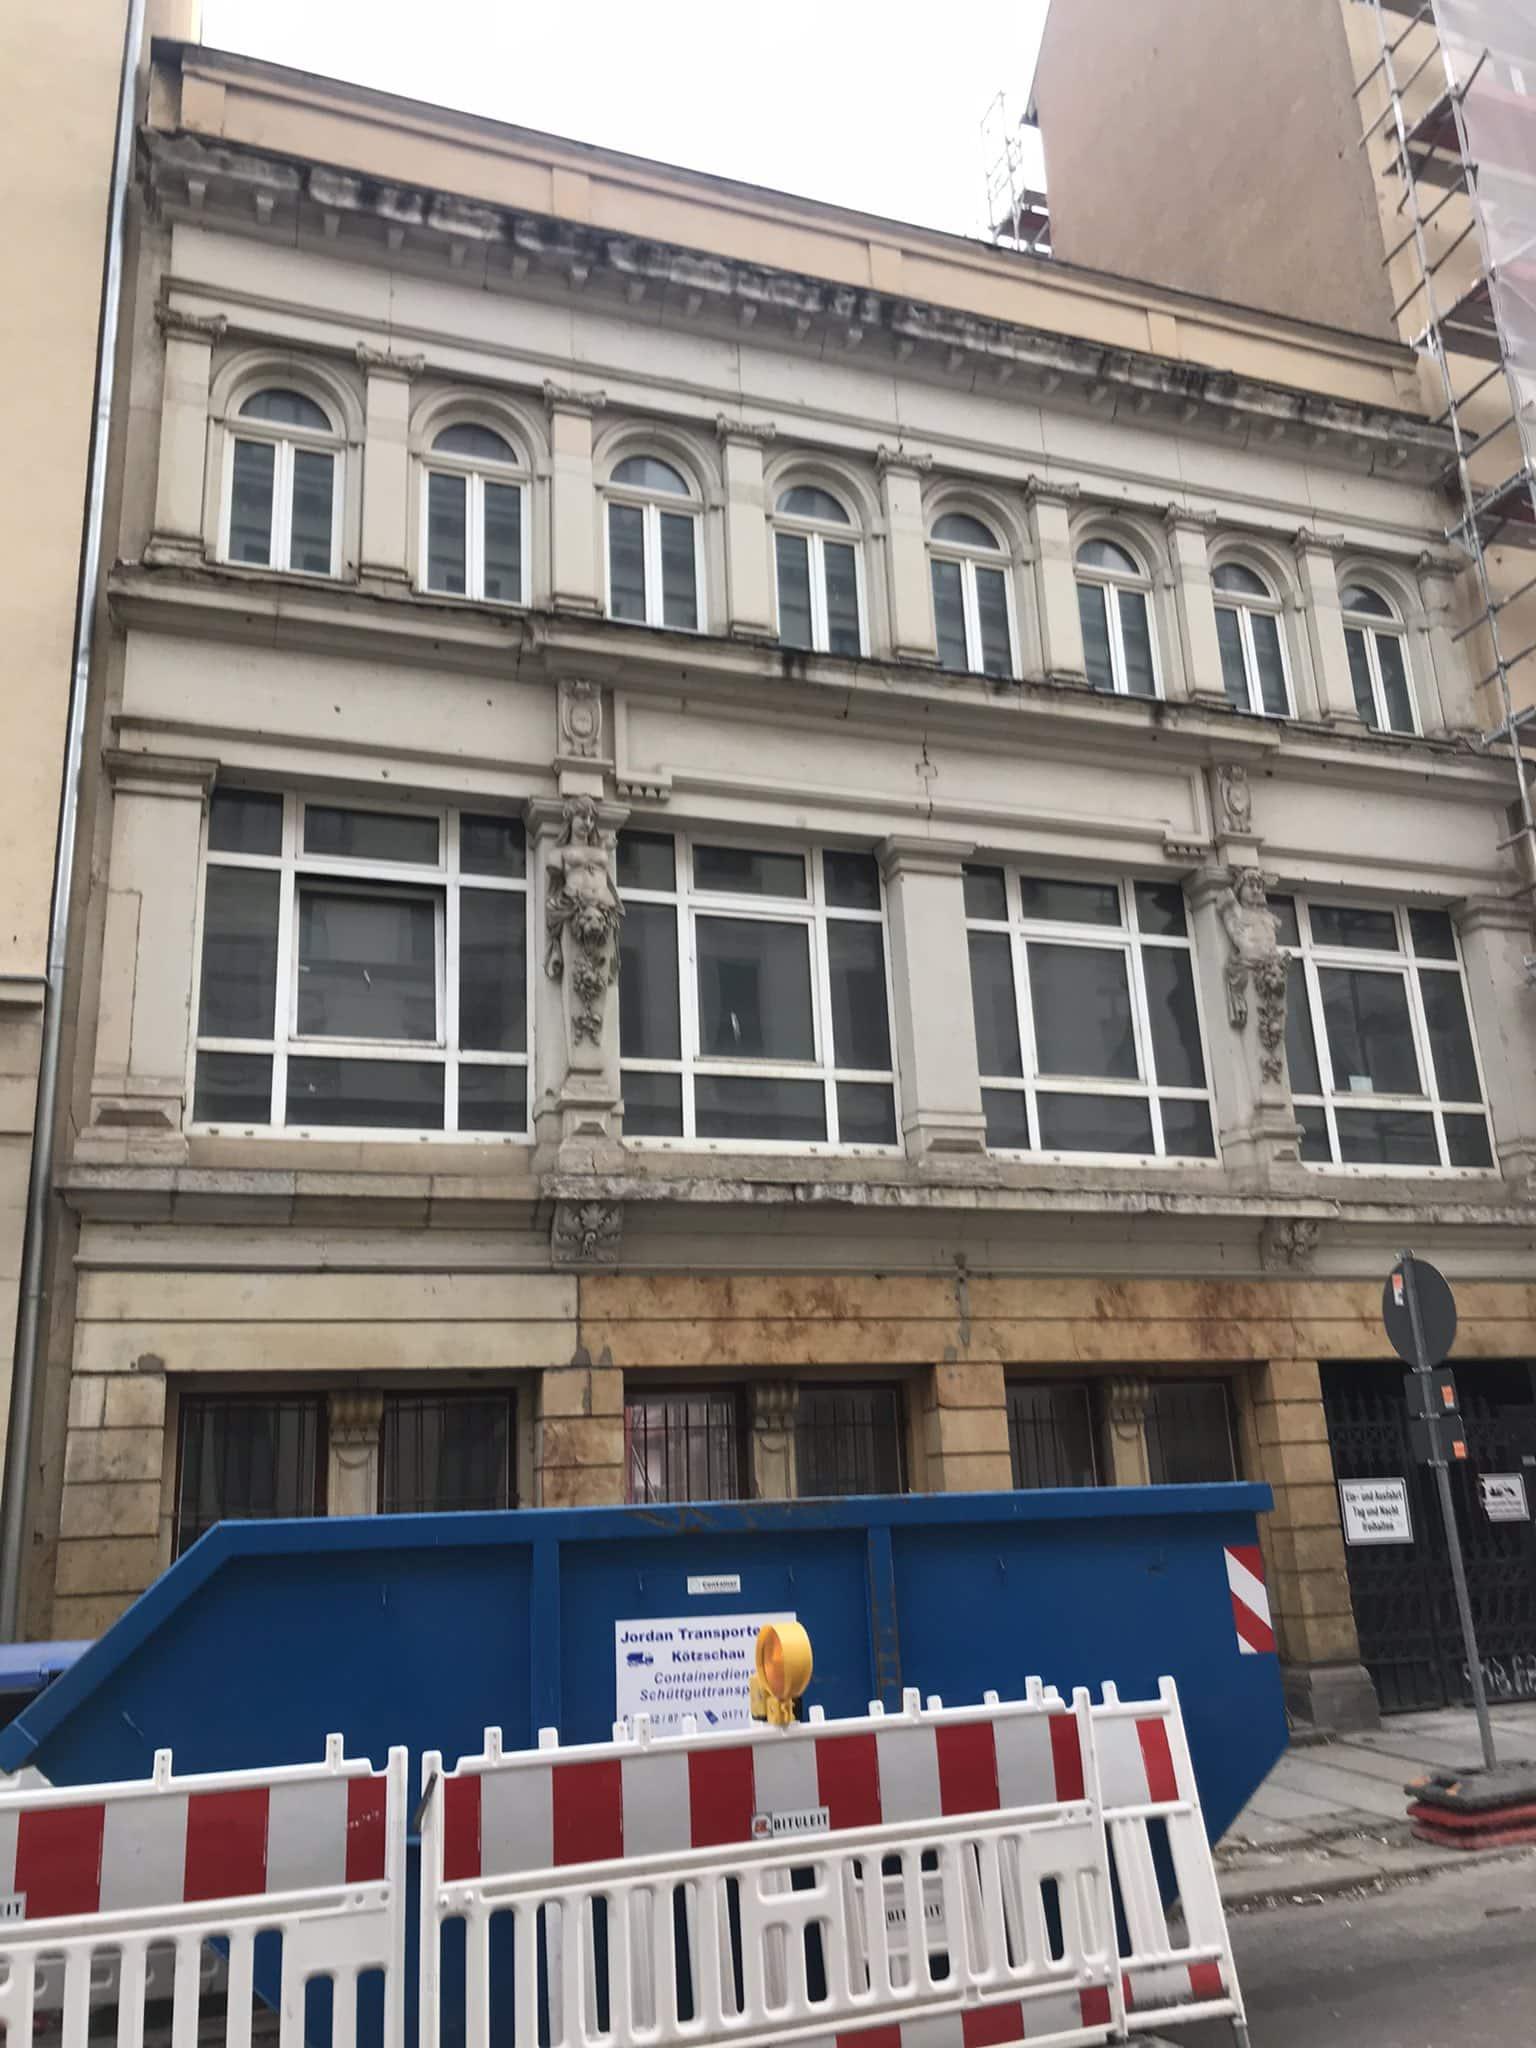 Humboldtstraße, ein Haus zwischen der Humboldtstraße 14 und der Pfaffendorfer Straße 12. Foto: Privat